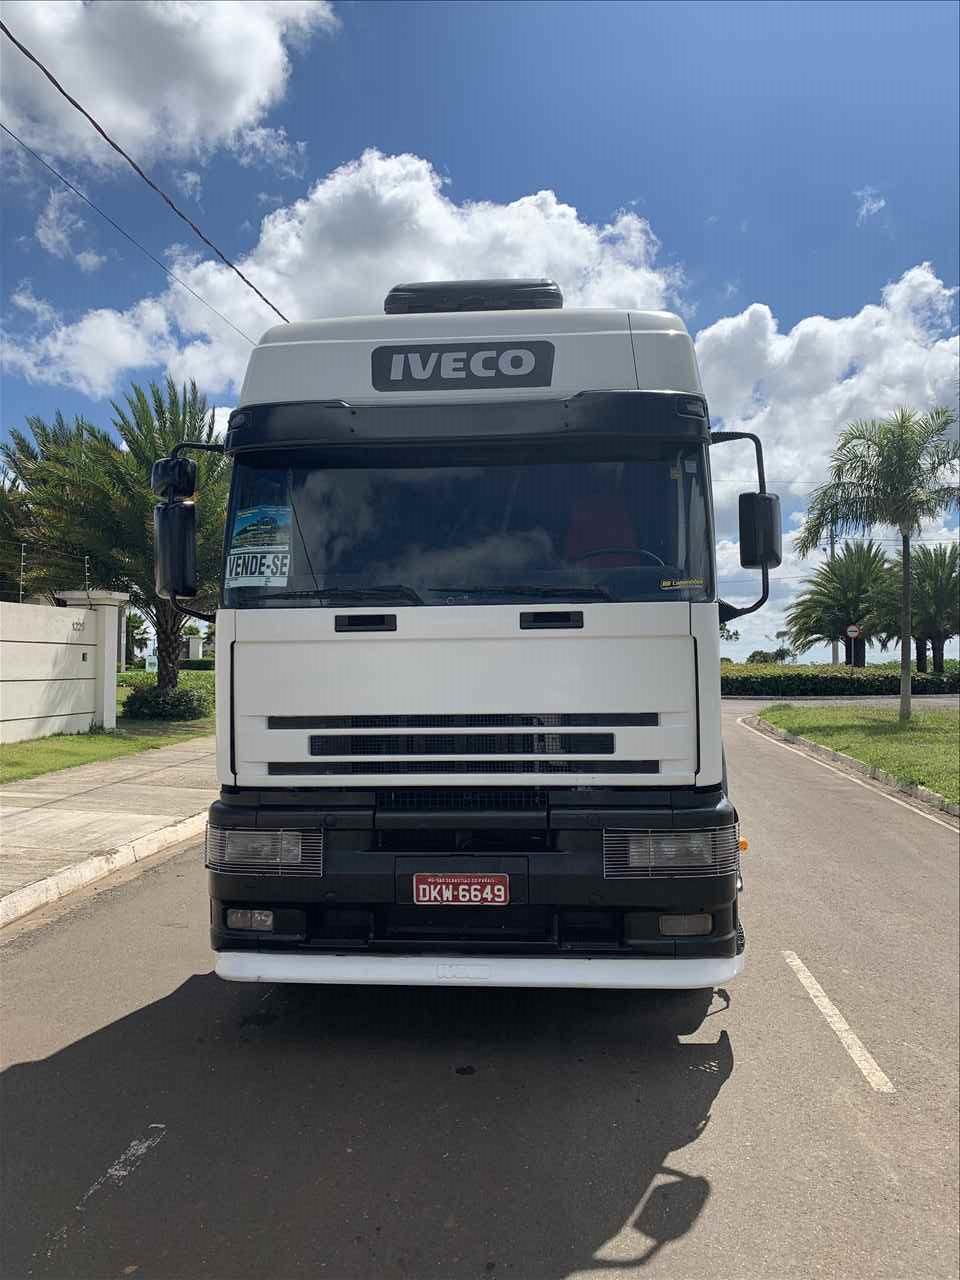 CAMINHAO IVECO EUROTECH 450E37 Cavalo Mecânico Truck 6x2 RB Caminhões e Carretas SAO SEBASTIAO DO PARAISO MINAS GERAIS MG